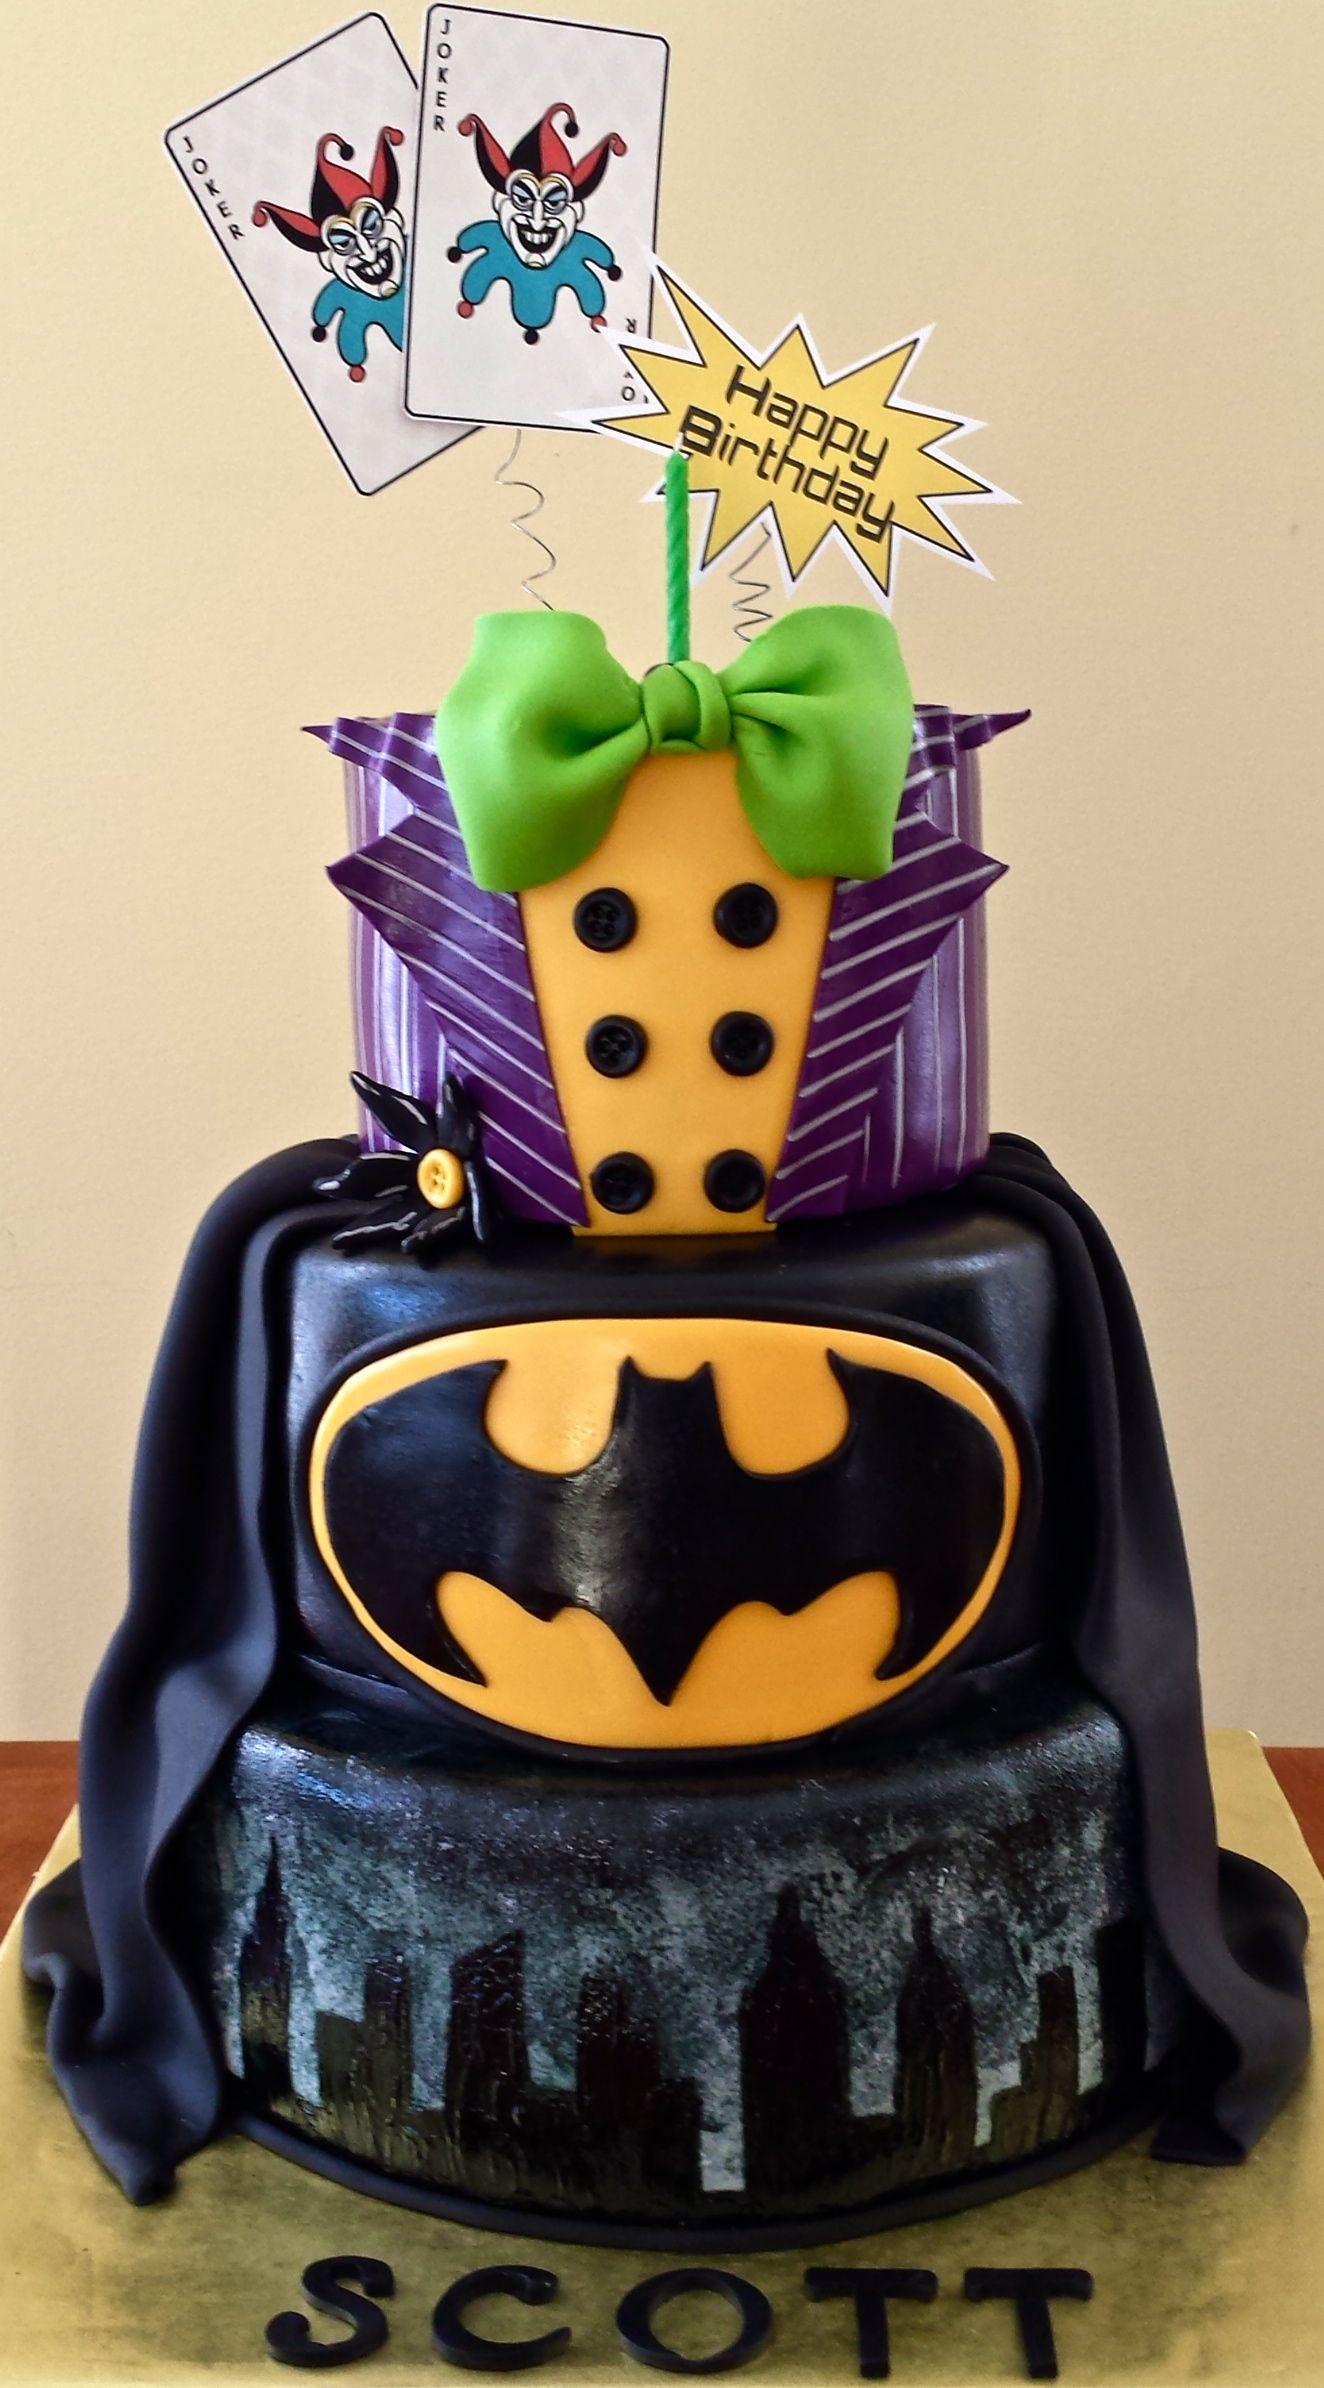 1000 ideas about superman cakes on pinterest batman cakes - Batman And Joker Cake